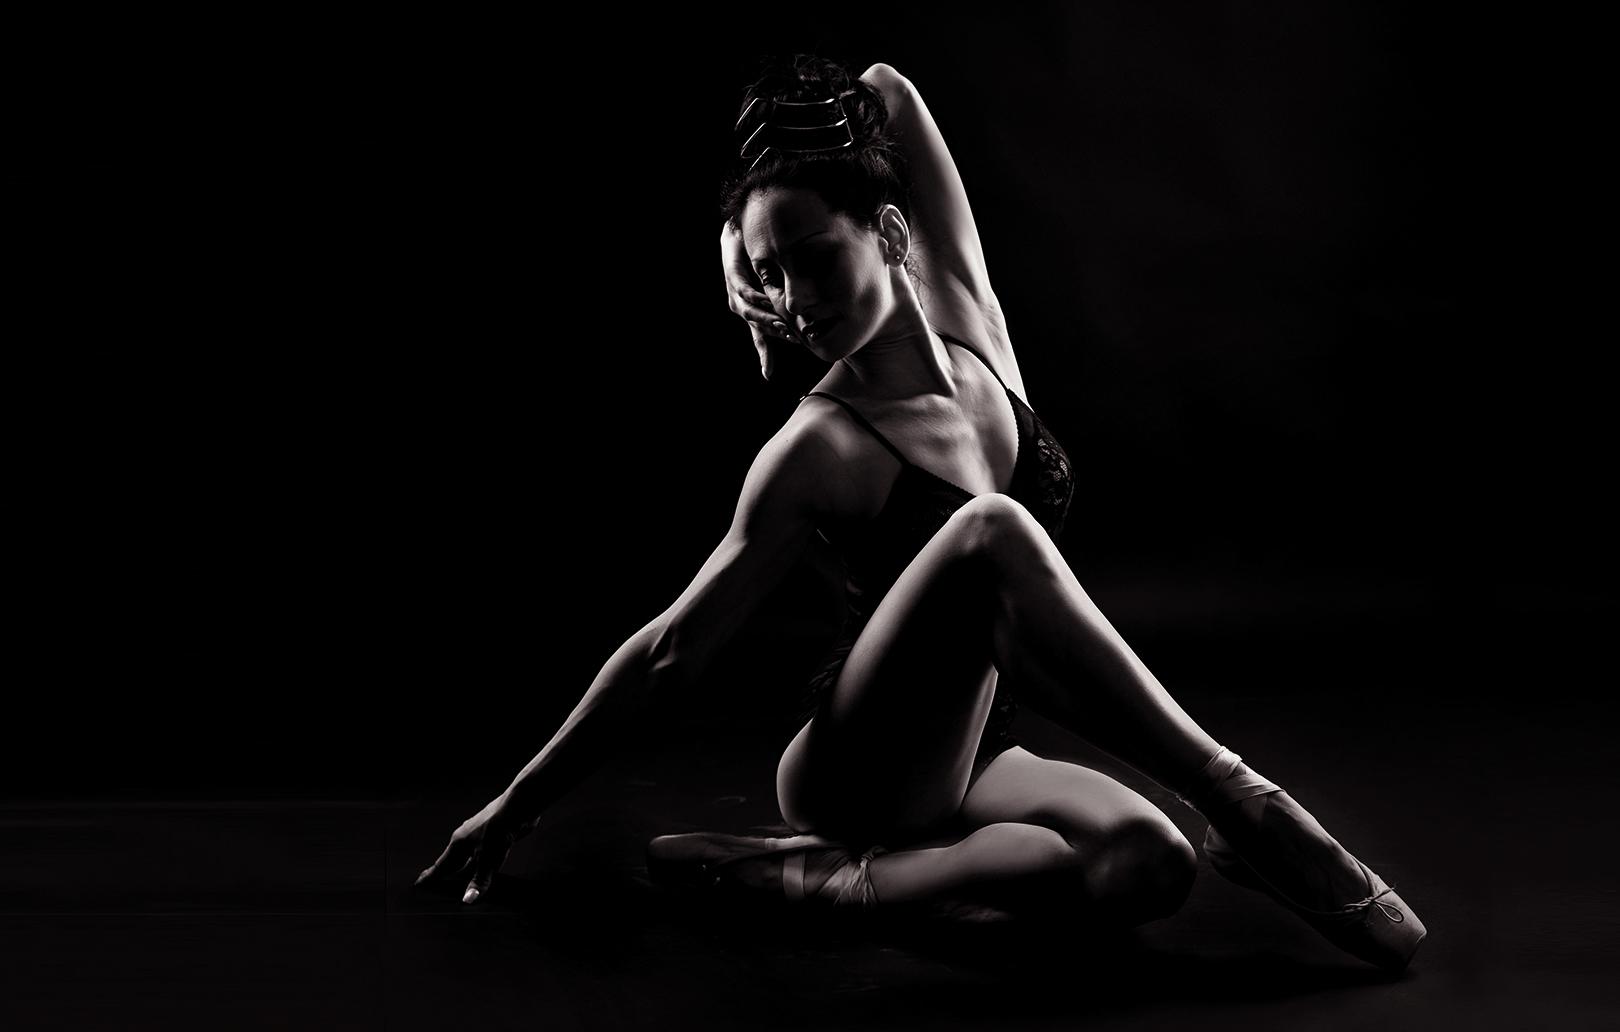 erotisches-fotoshooting-siegen-bg51610466395